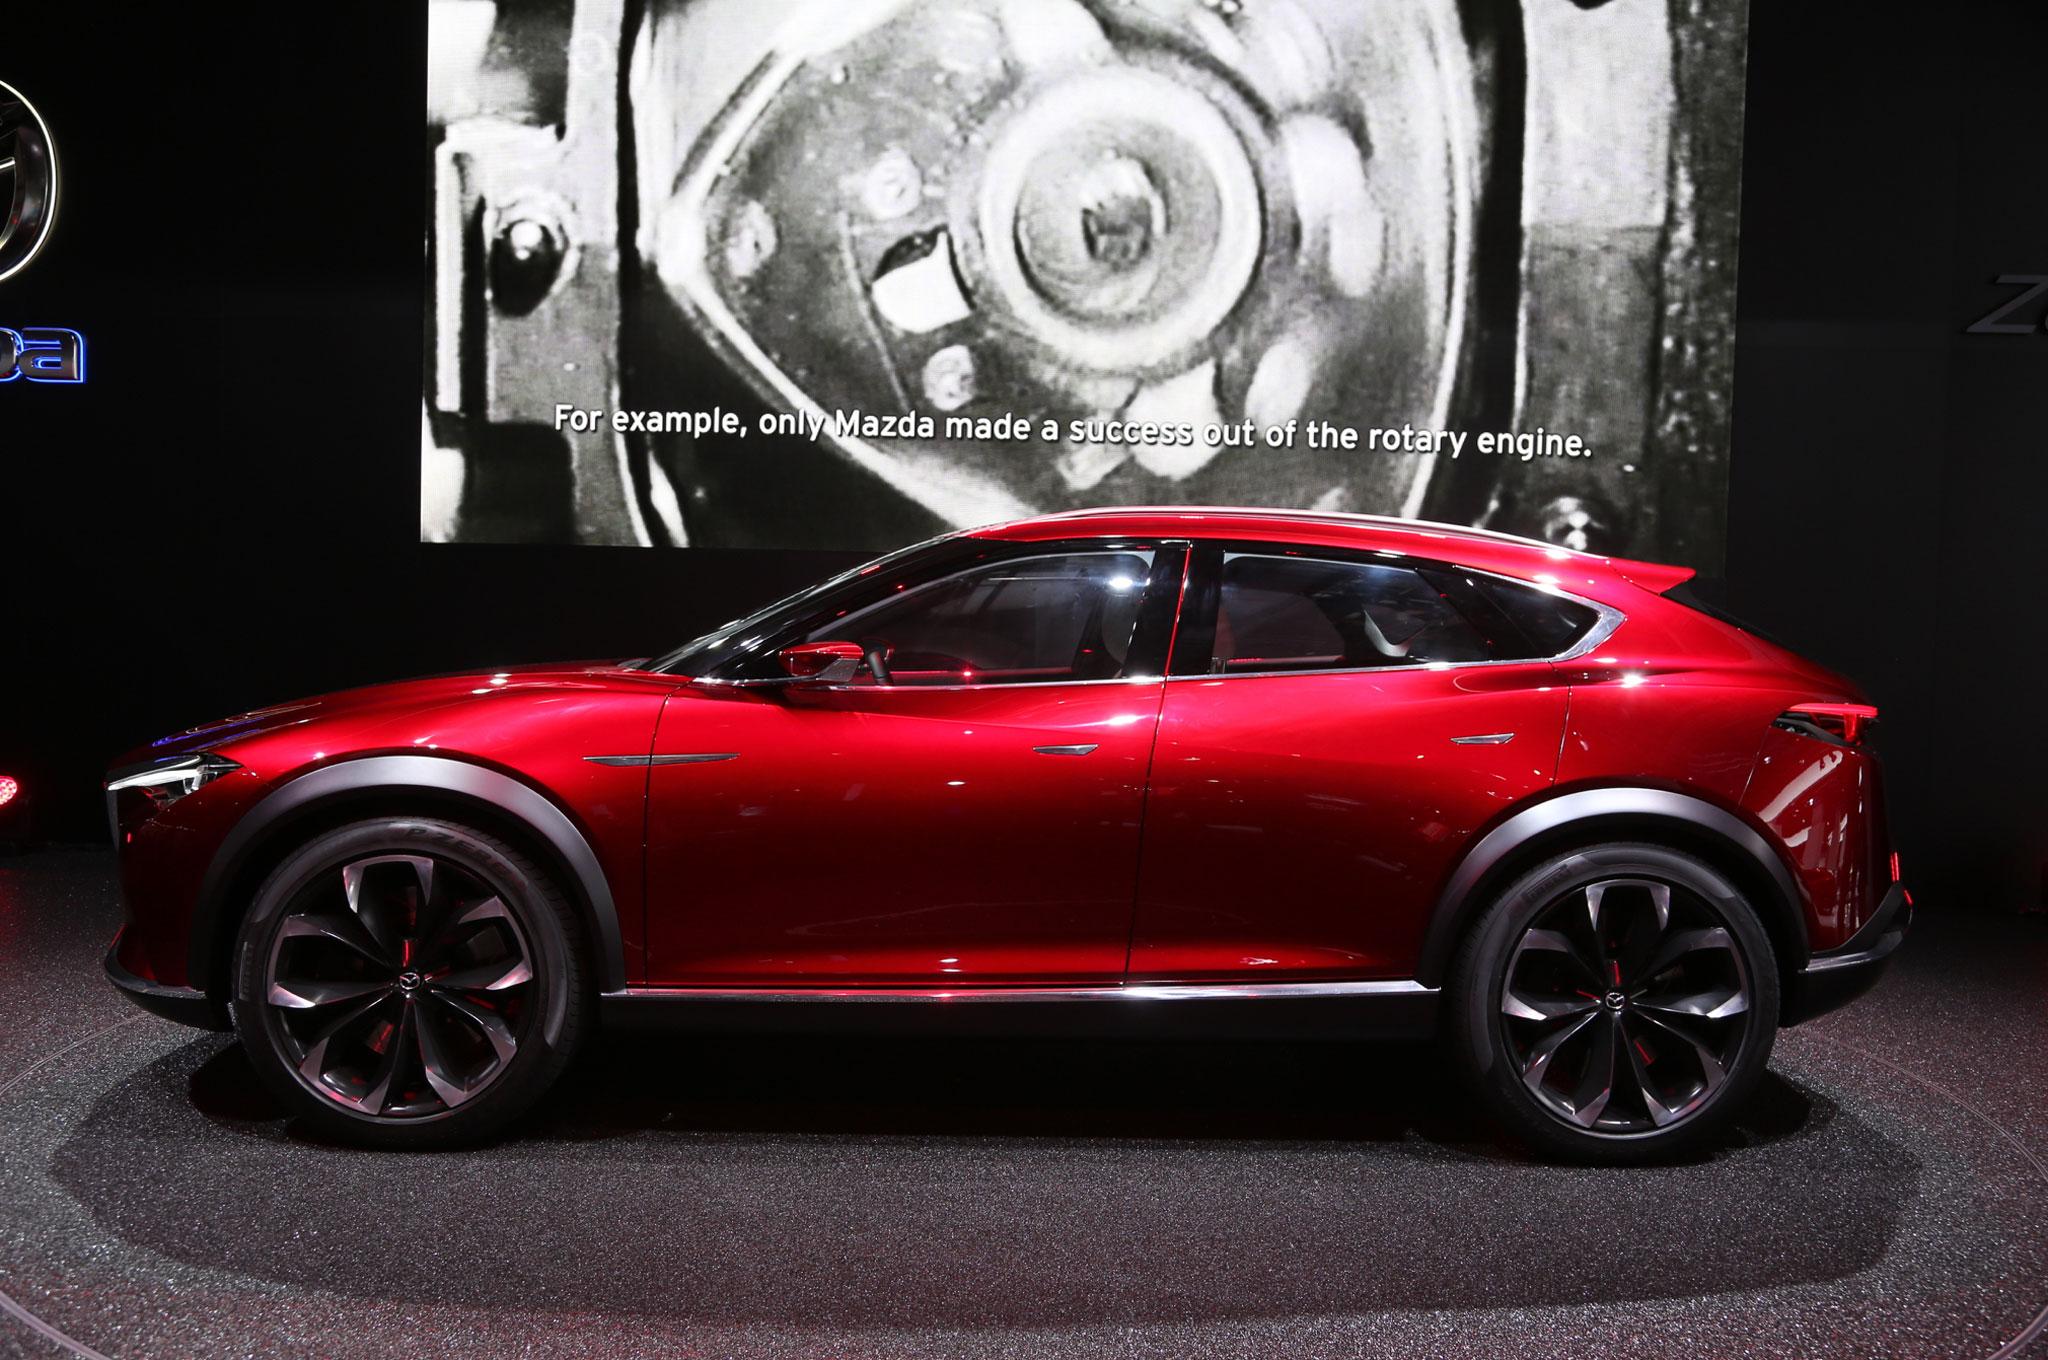 https://st.automobilemag.com/uploads/sites/11/2015/09/Mazda-Koeru-Concept-side-profile.jpg